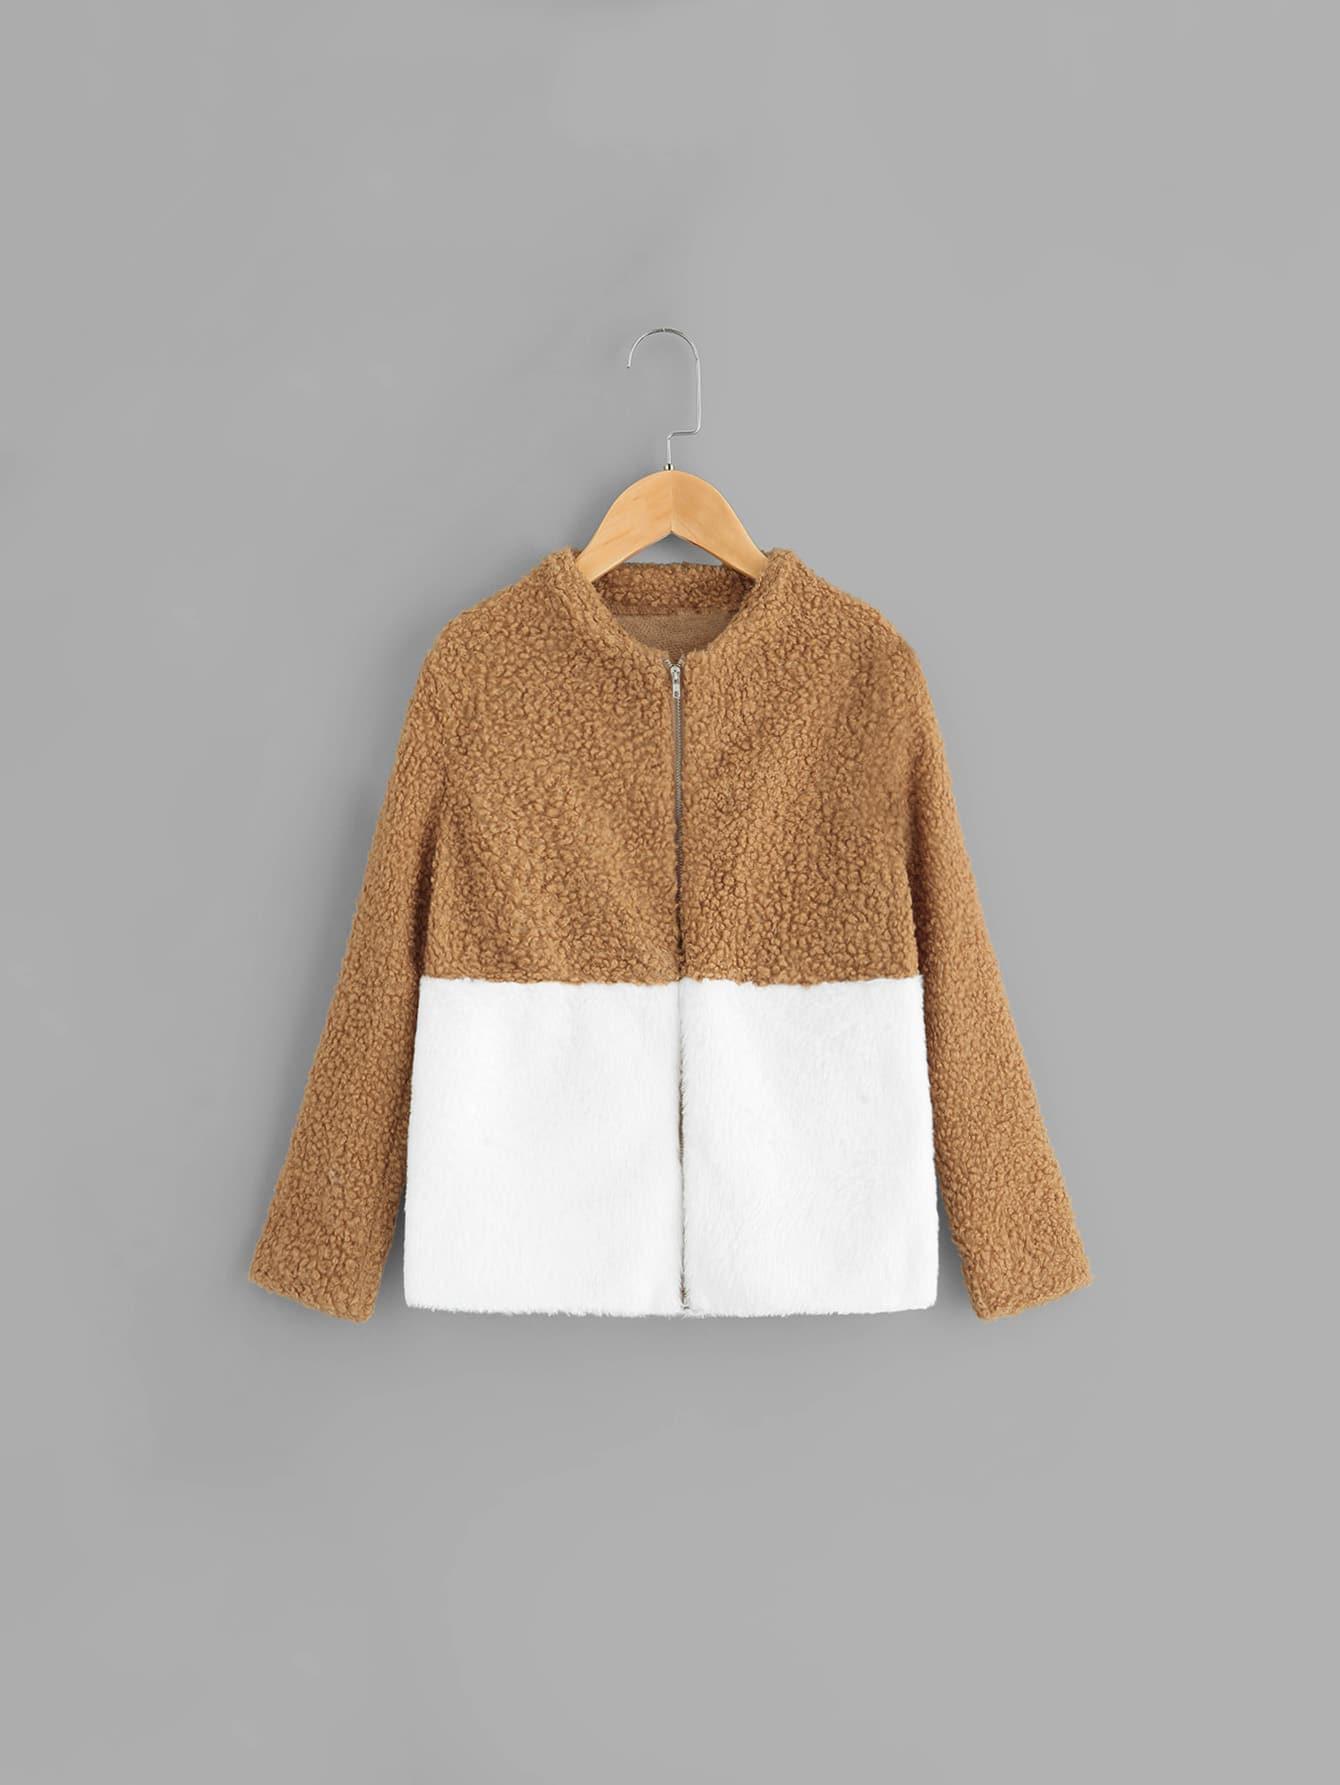 Купить Двухцветное пальто тедди с застёжкой молния для девочек, null, SheIn